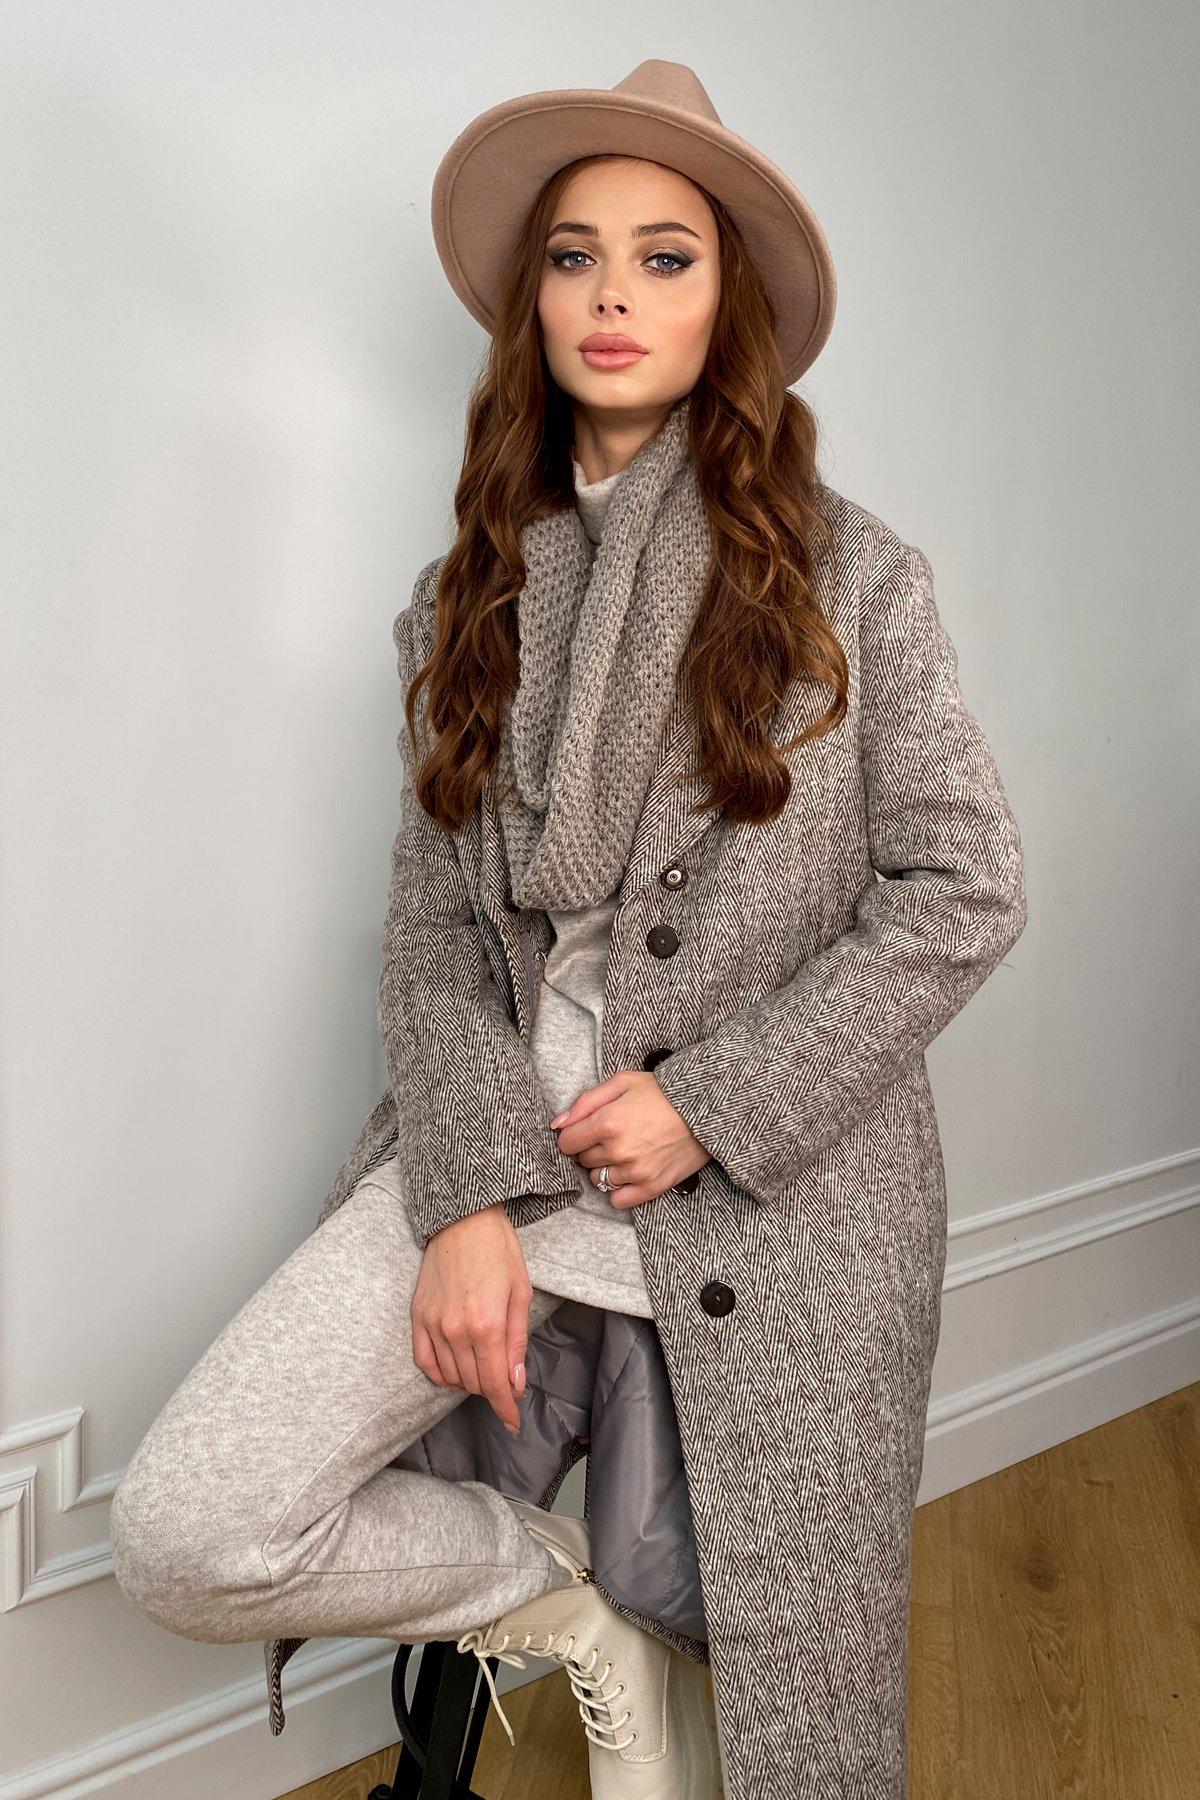 Зимнее пальто полуприталенного кроя Севен 8262 АРТ. 44330 Цвет: шоколад/молоко - фото 1, интернет магазин tm-modus.ru